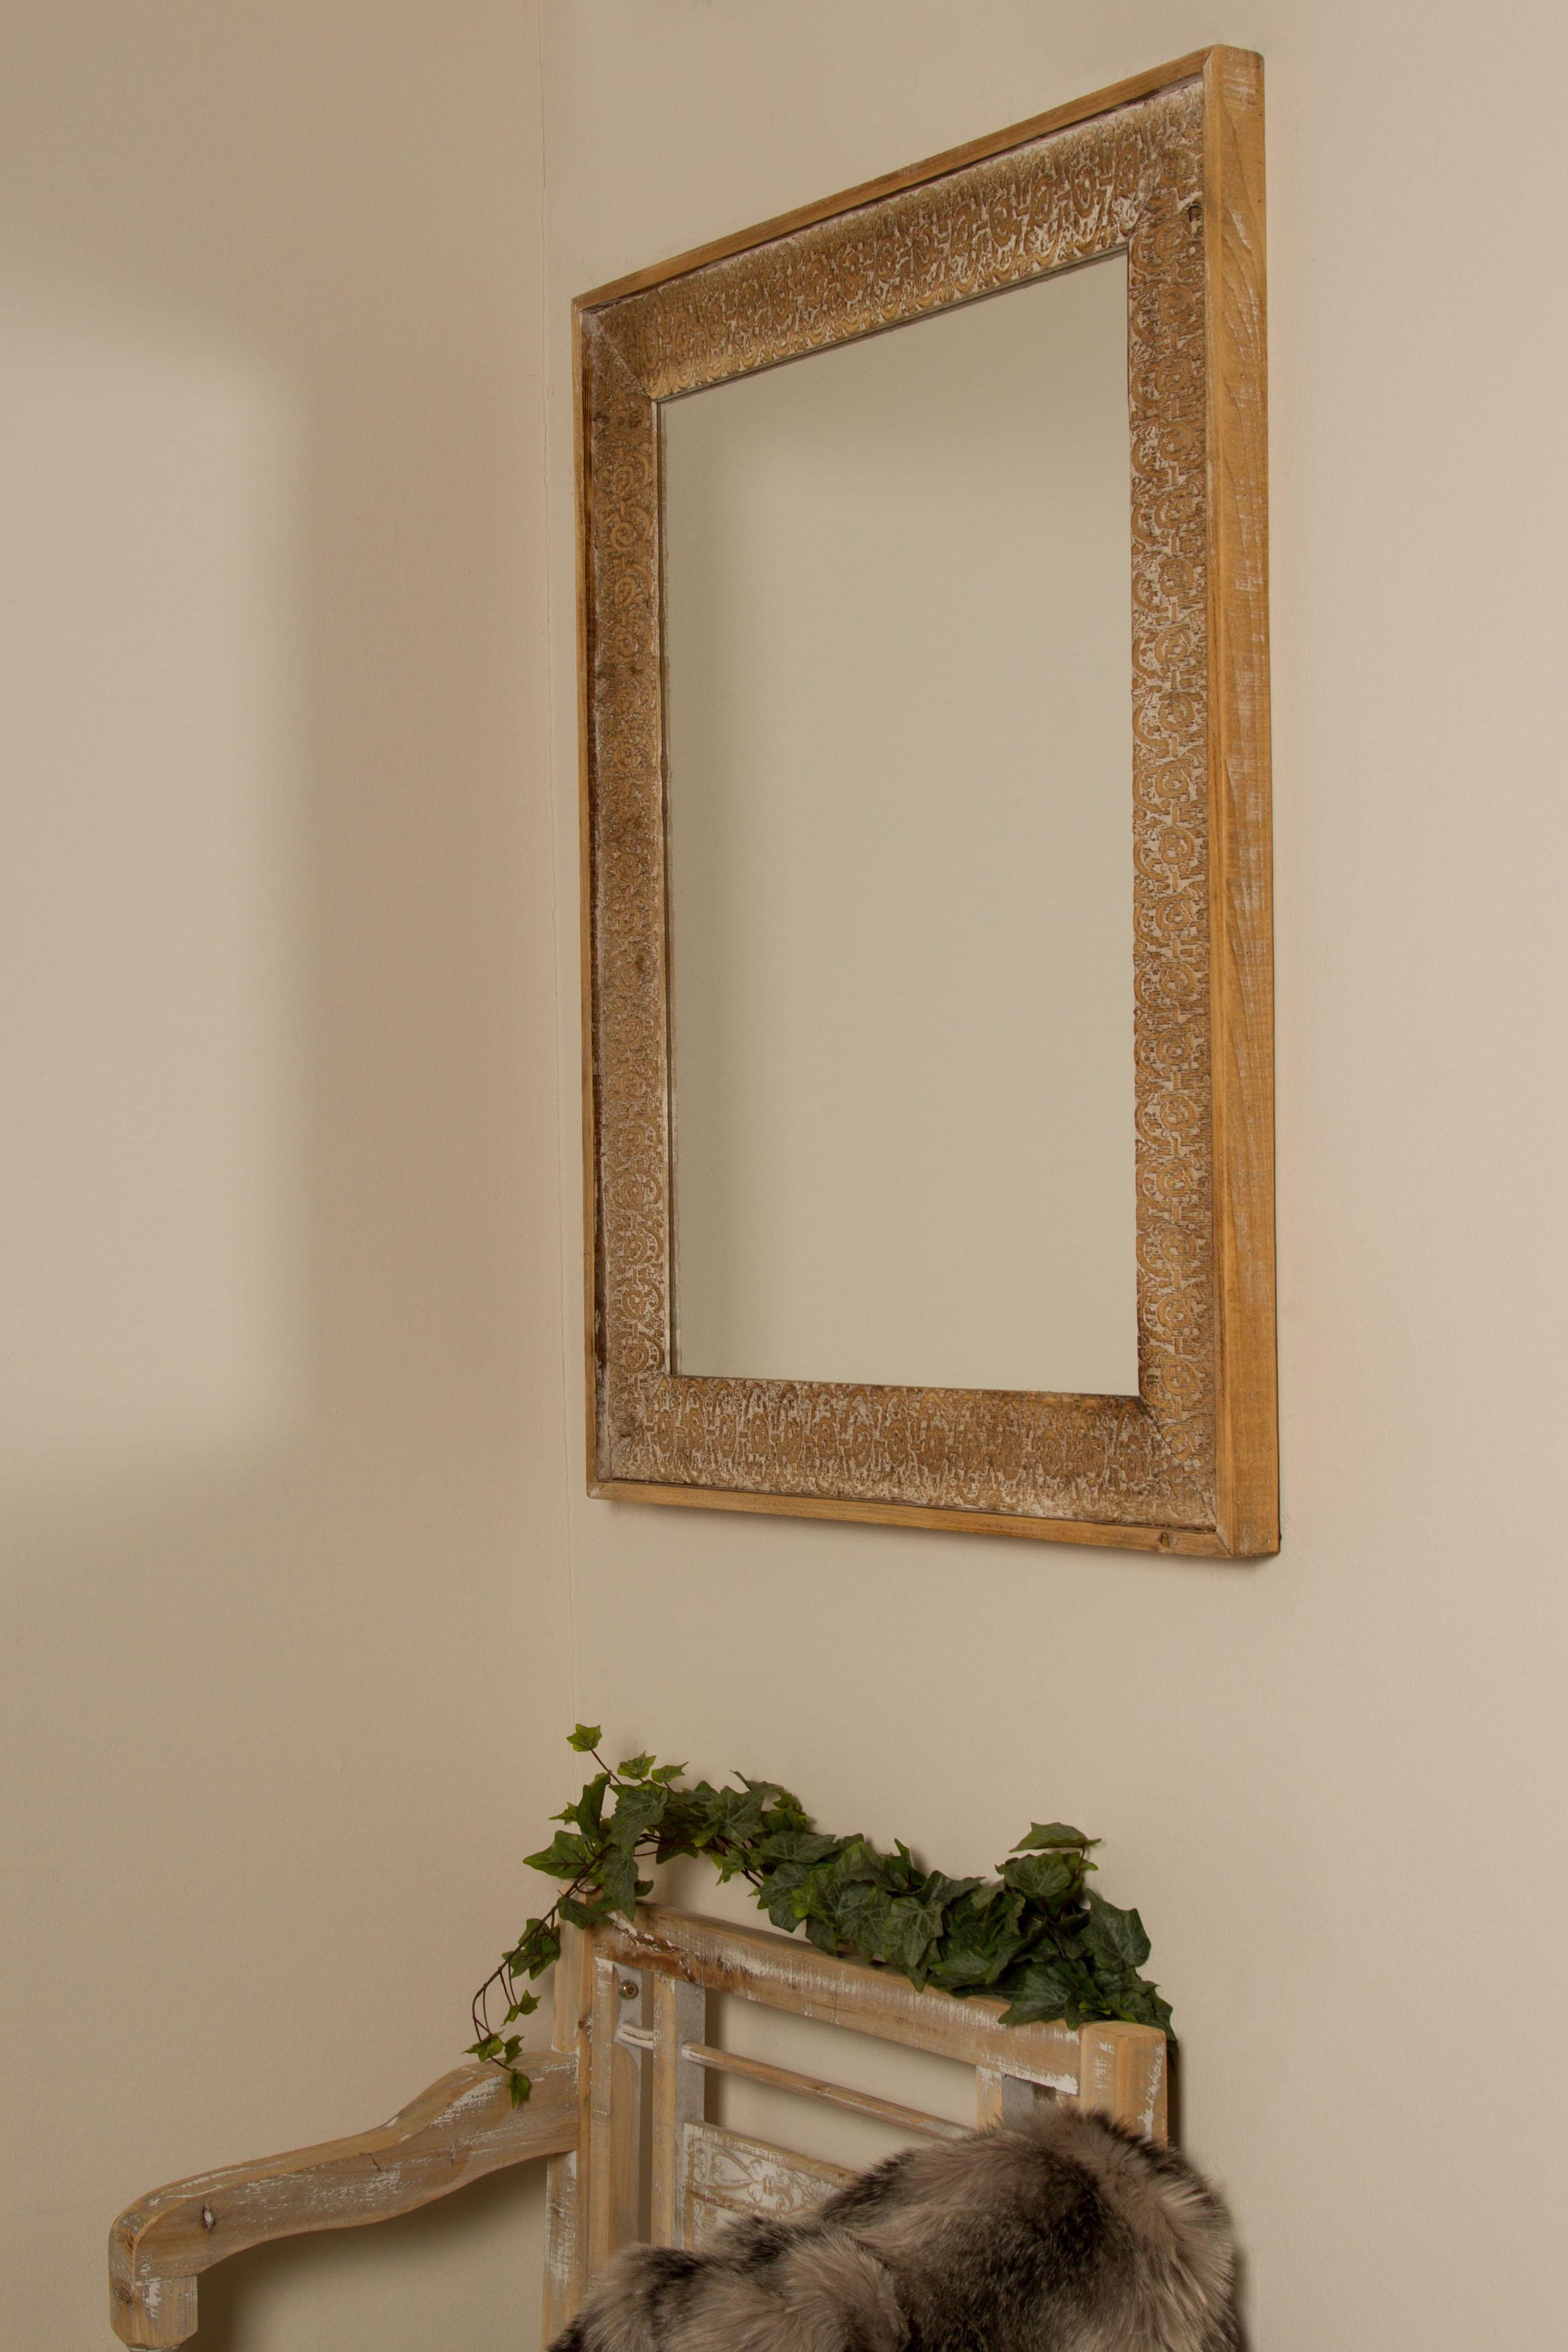 Home affaire Wandspiegel Marit Wohnen/Möbel/Garderoben/Spiegel/Wandspiegel